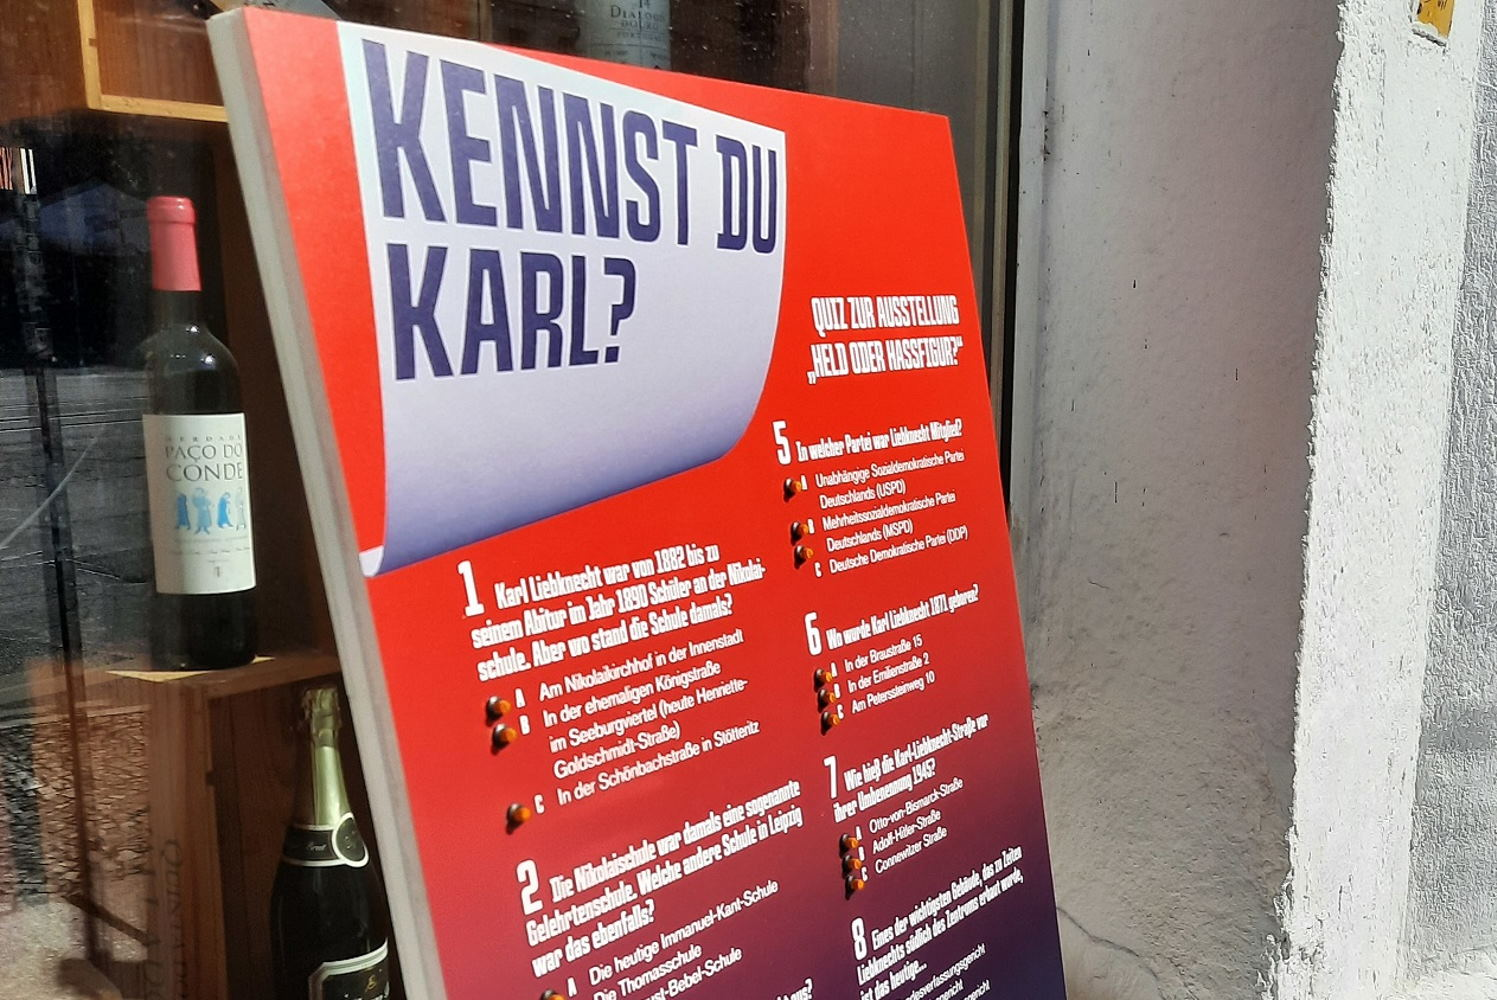 Rätselspiel des Stadtgeschichtlichen Museums am Südplatz: Kennst du Karl? Foto: SGM, Tim Rood